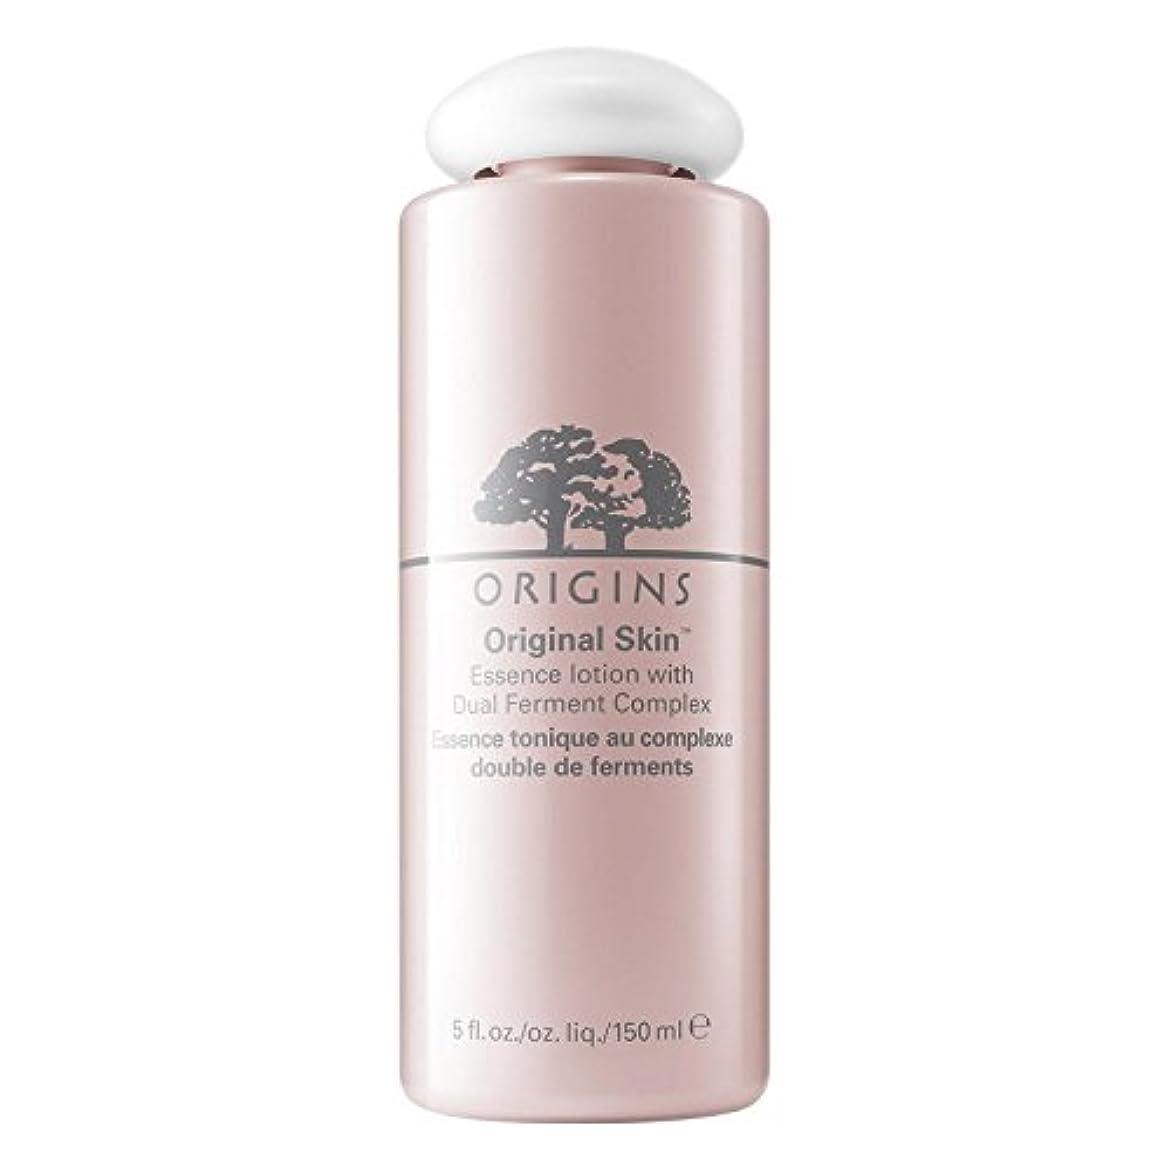 ぬいぐるみクラウド足音Origins Original Skin Essence Lotion 150ml - 起源オリジナルスキンエッセンスローション150 [並行輸入品]